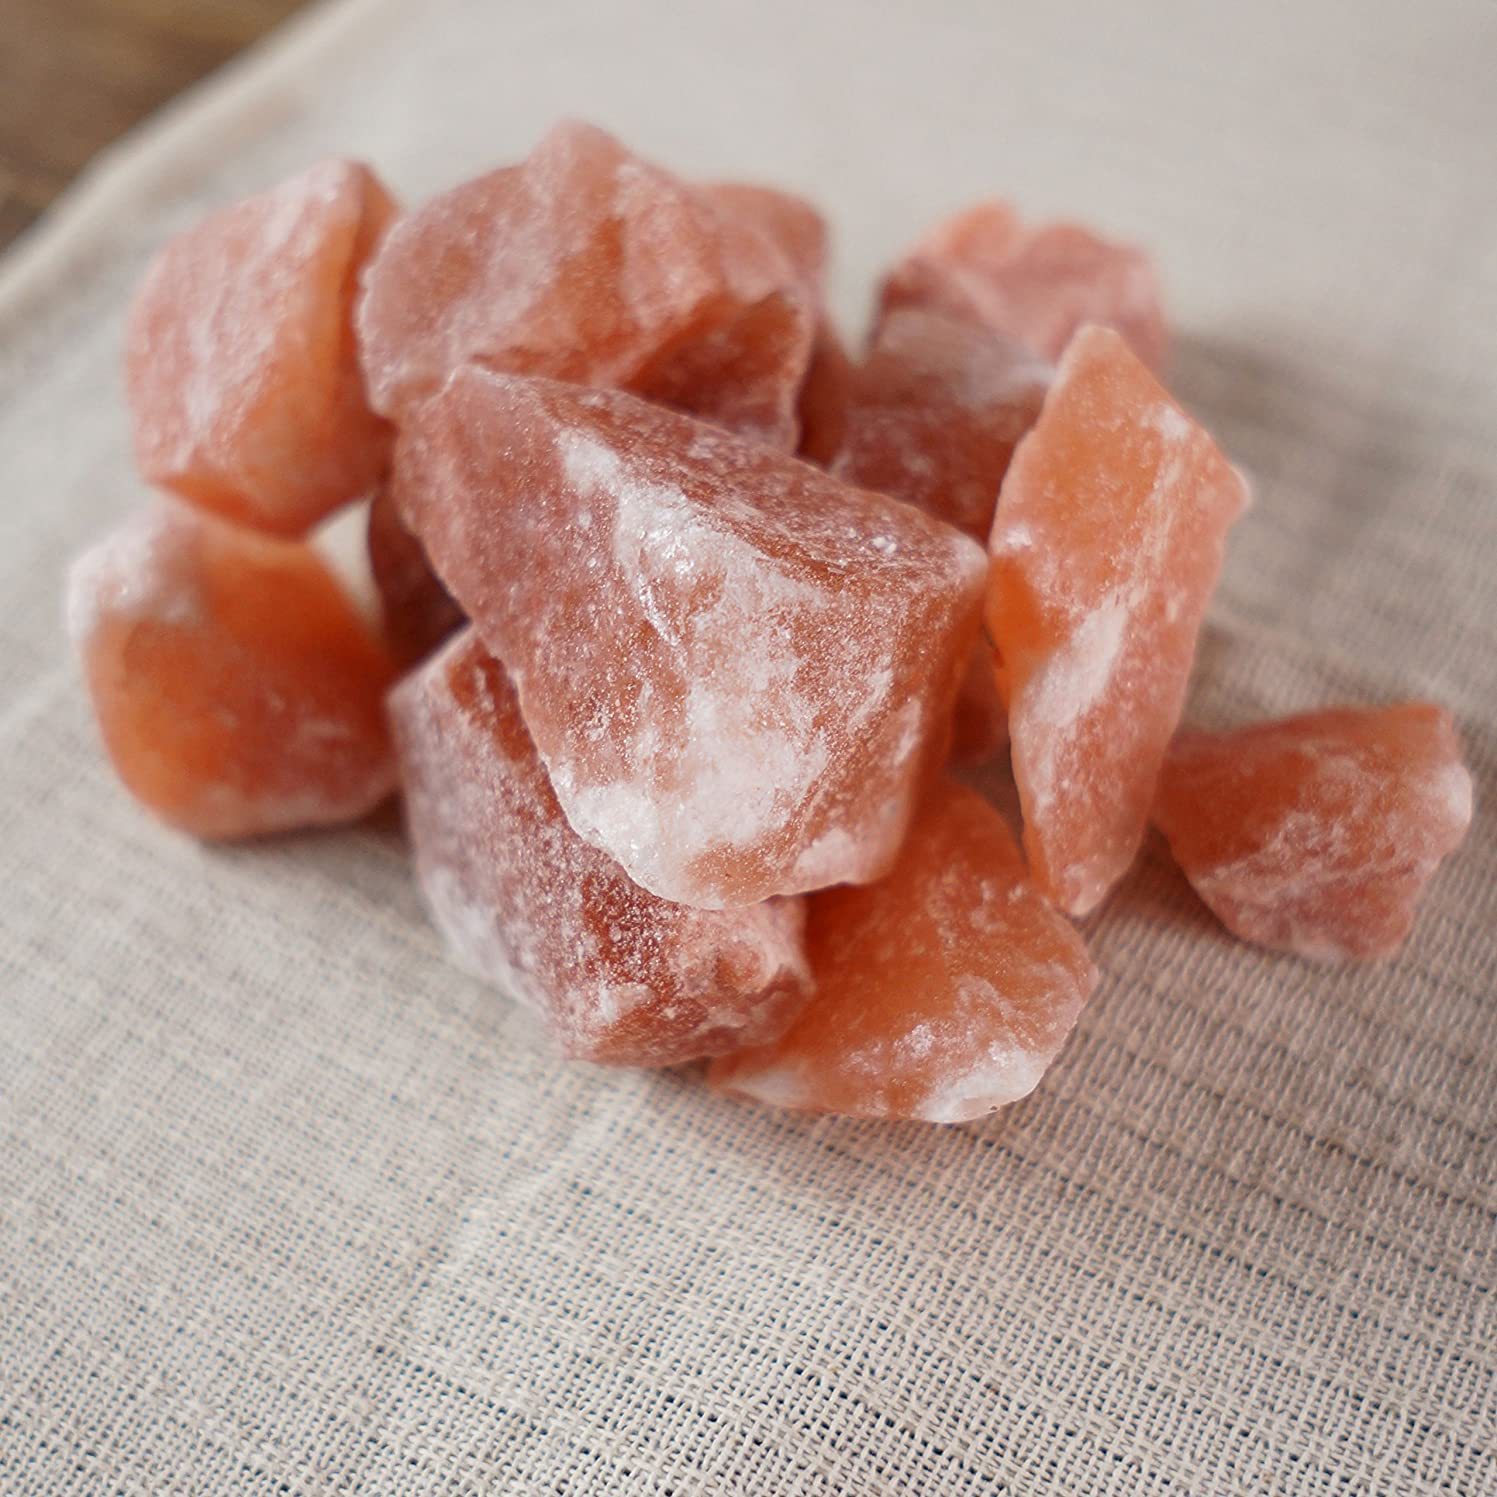 ラウズ効果幸運ヒマラヤ岩塩 ピンク ブロック 約2-5cm 10kg 10,000g 塊 原料